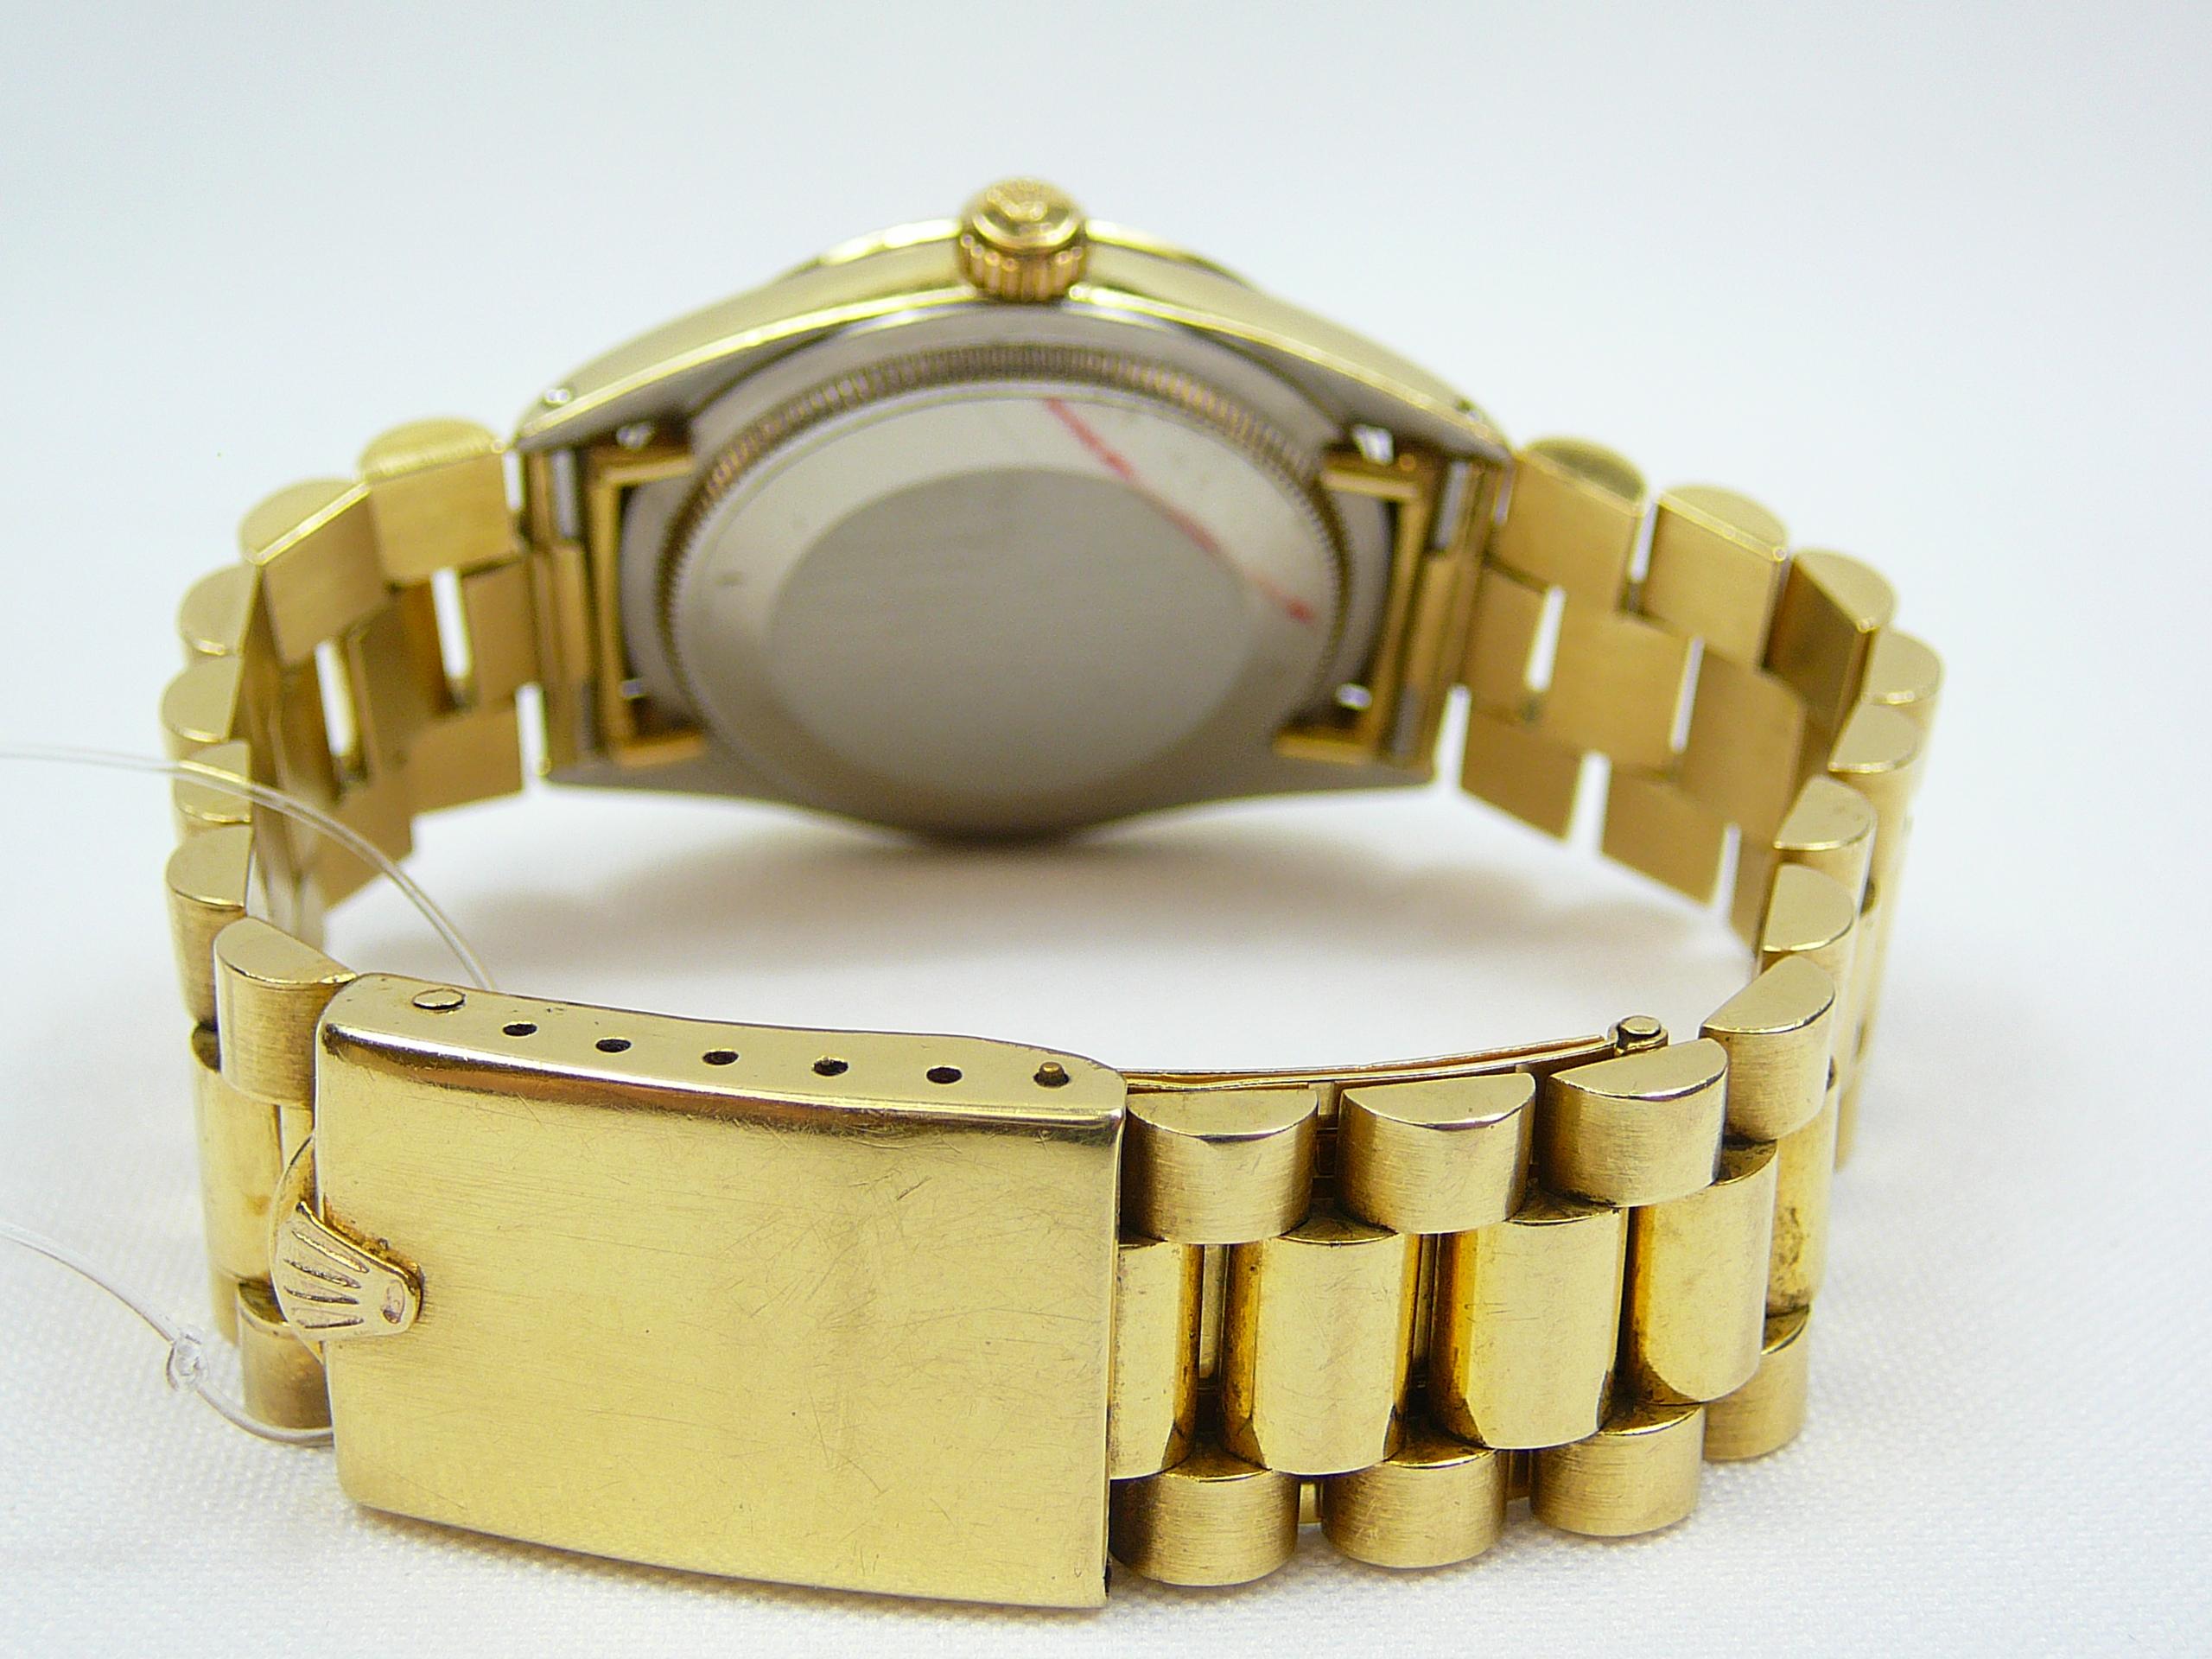 Lot 5 - Gents Rolex Wrist Watch on Gold Bracelet